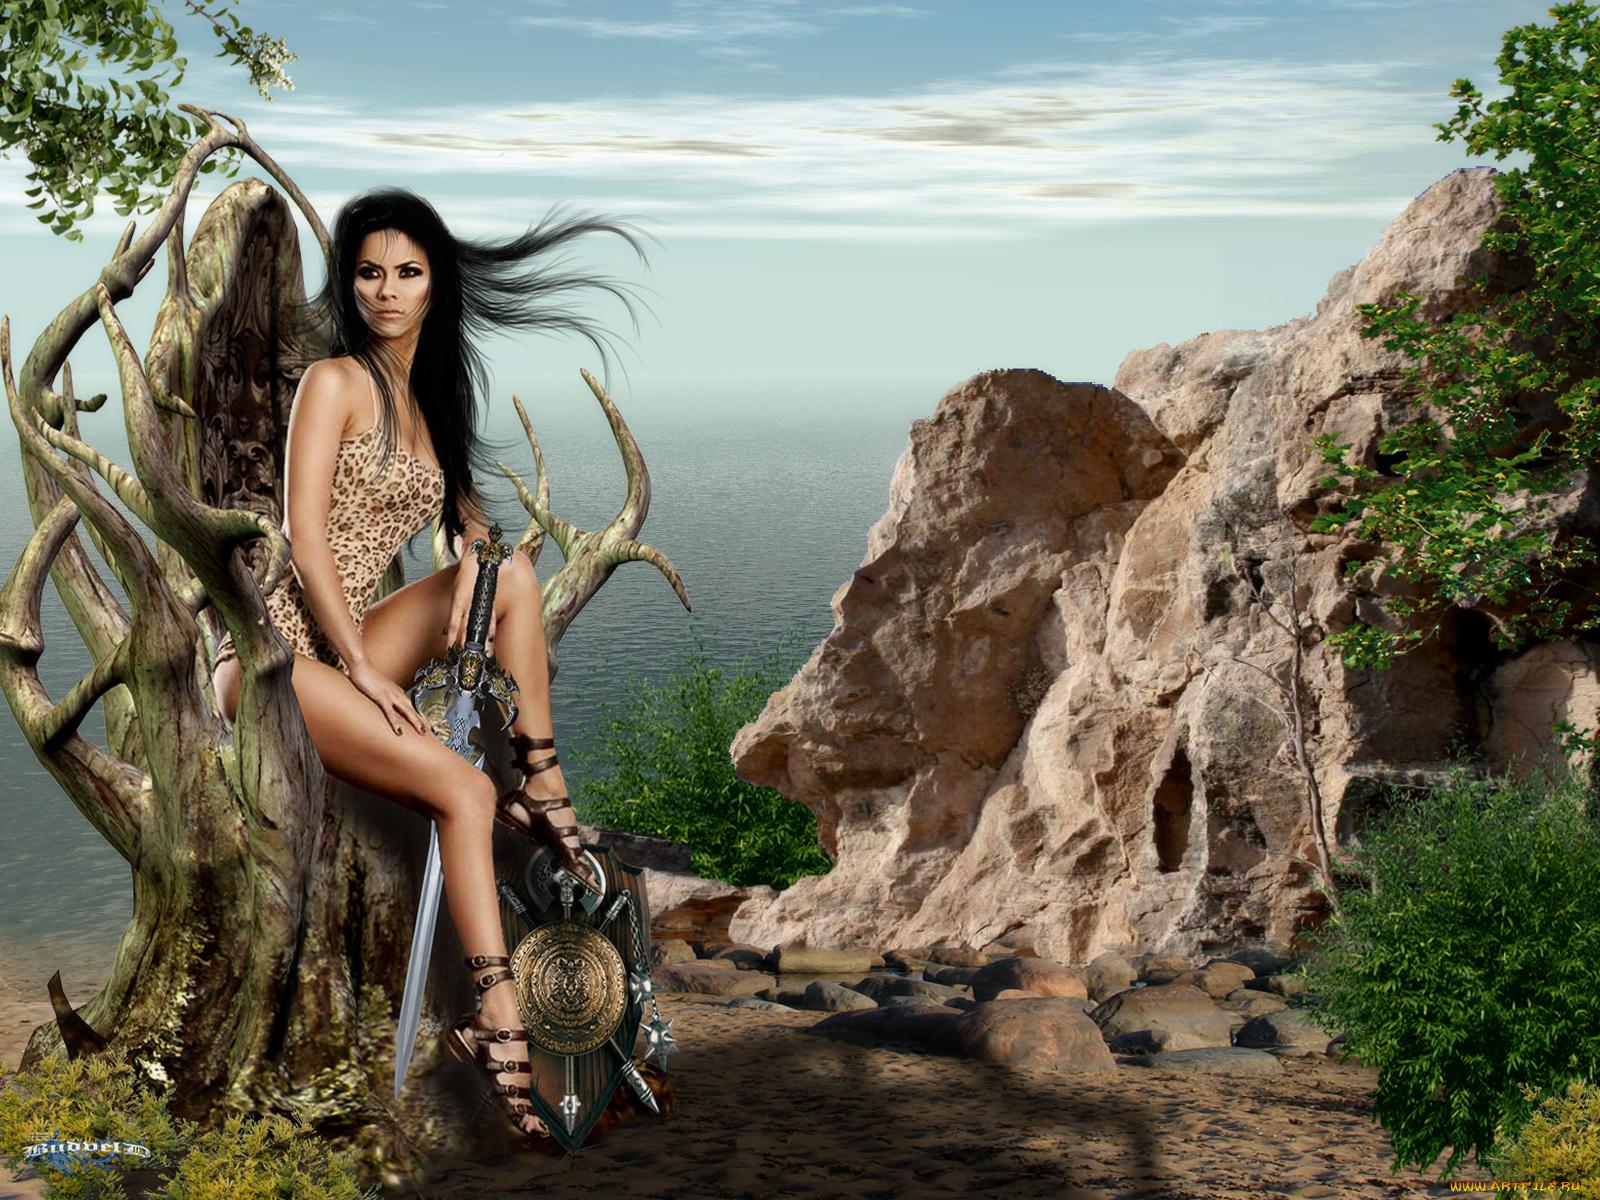 Картинки амазонки фэнтези, рут